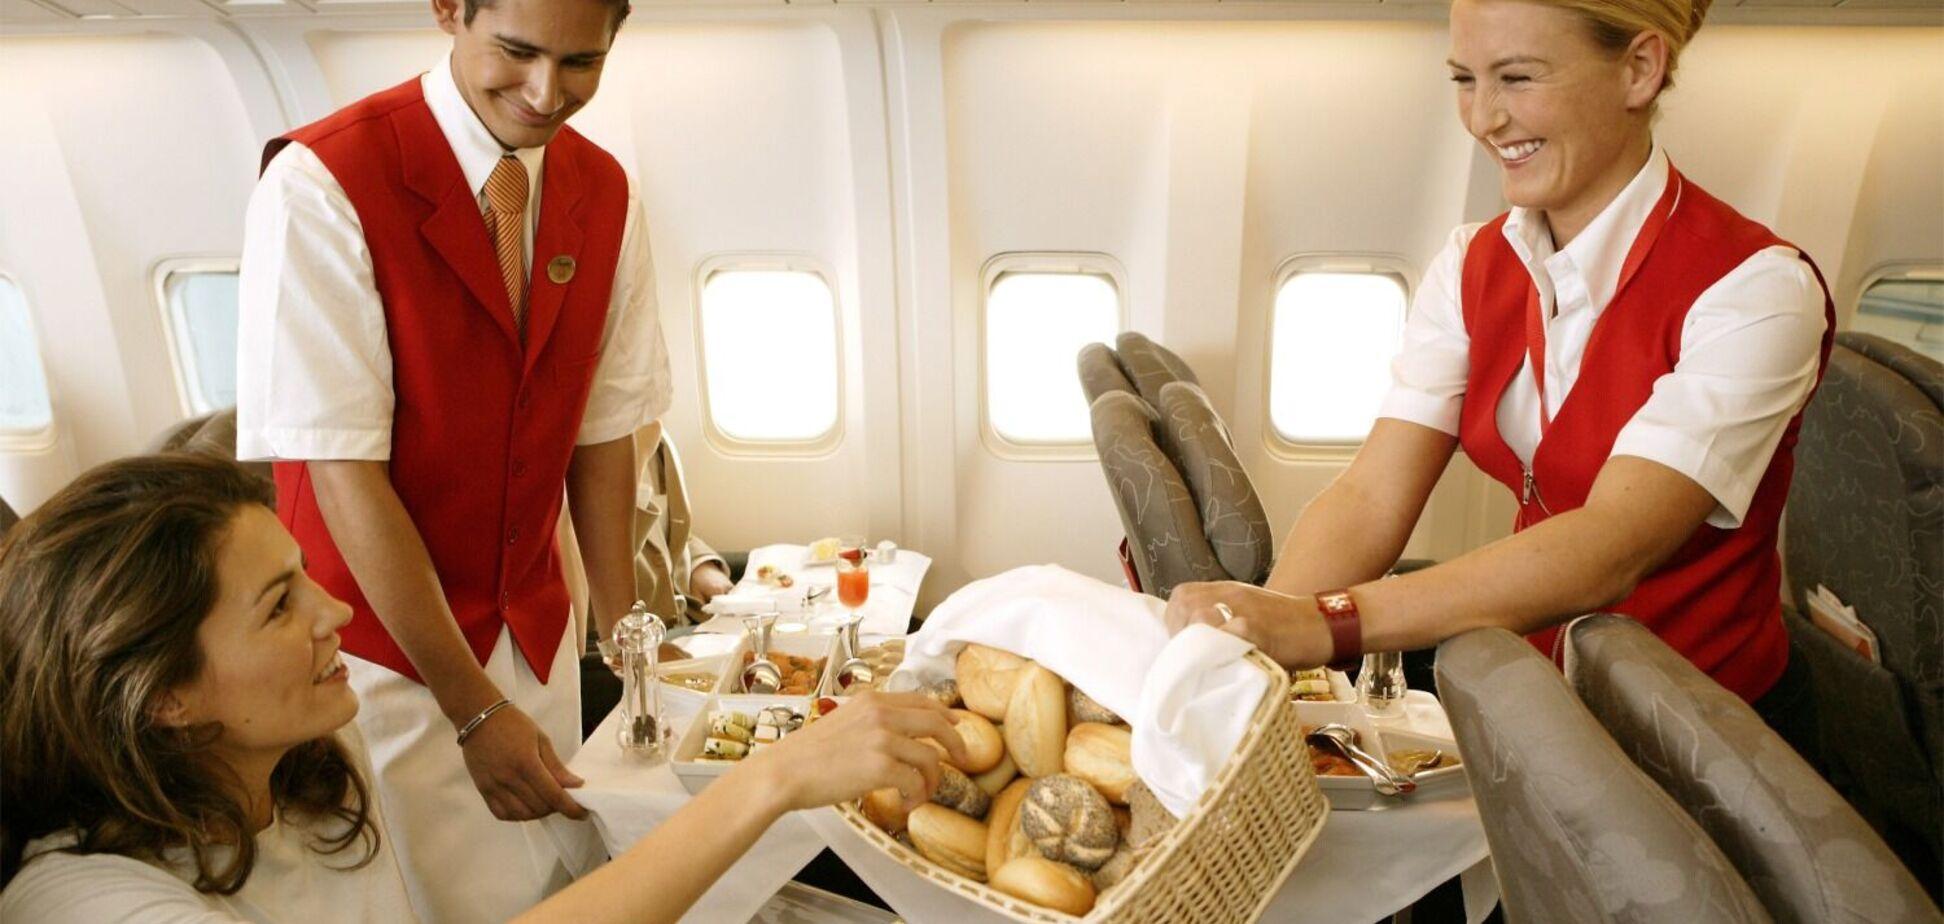 Їжа на борту літака підвищує ризик зараження COVID-19, – вчені